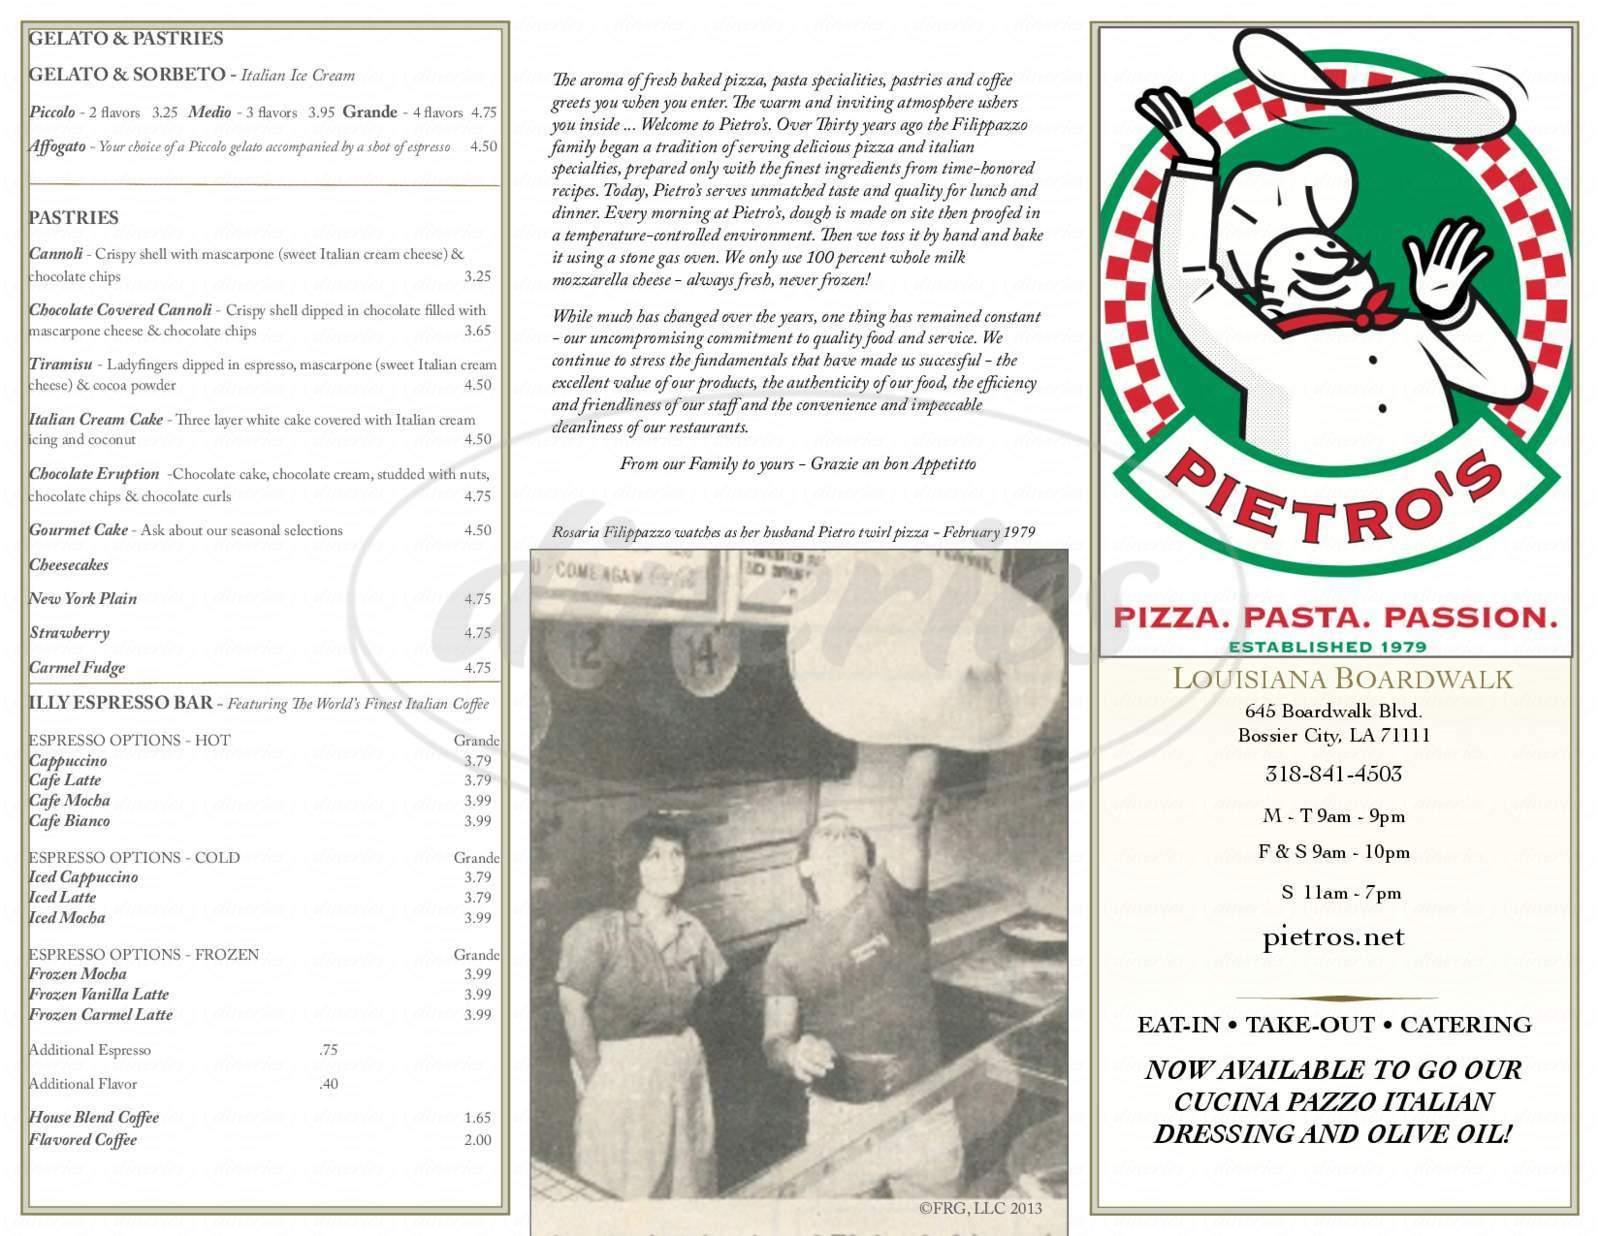 menu for Pietro's